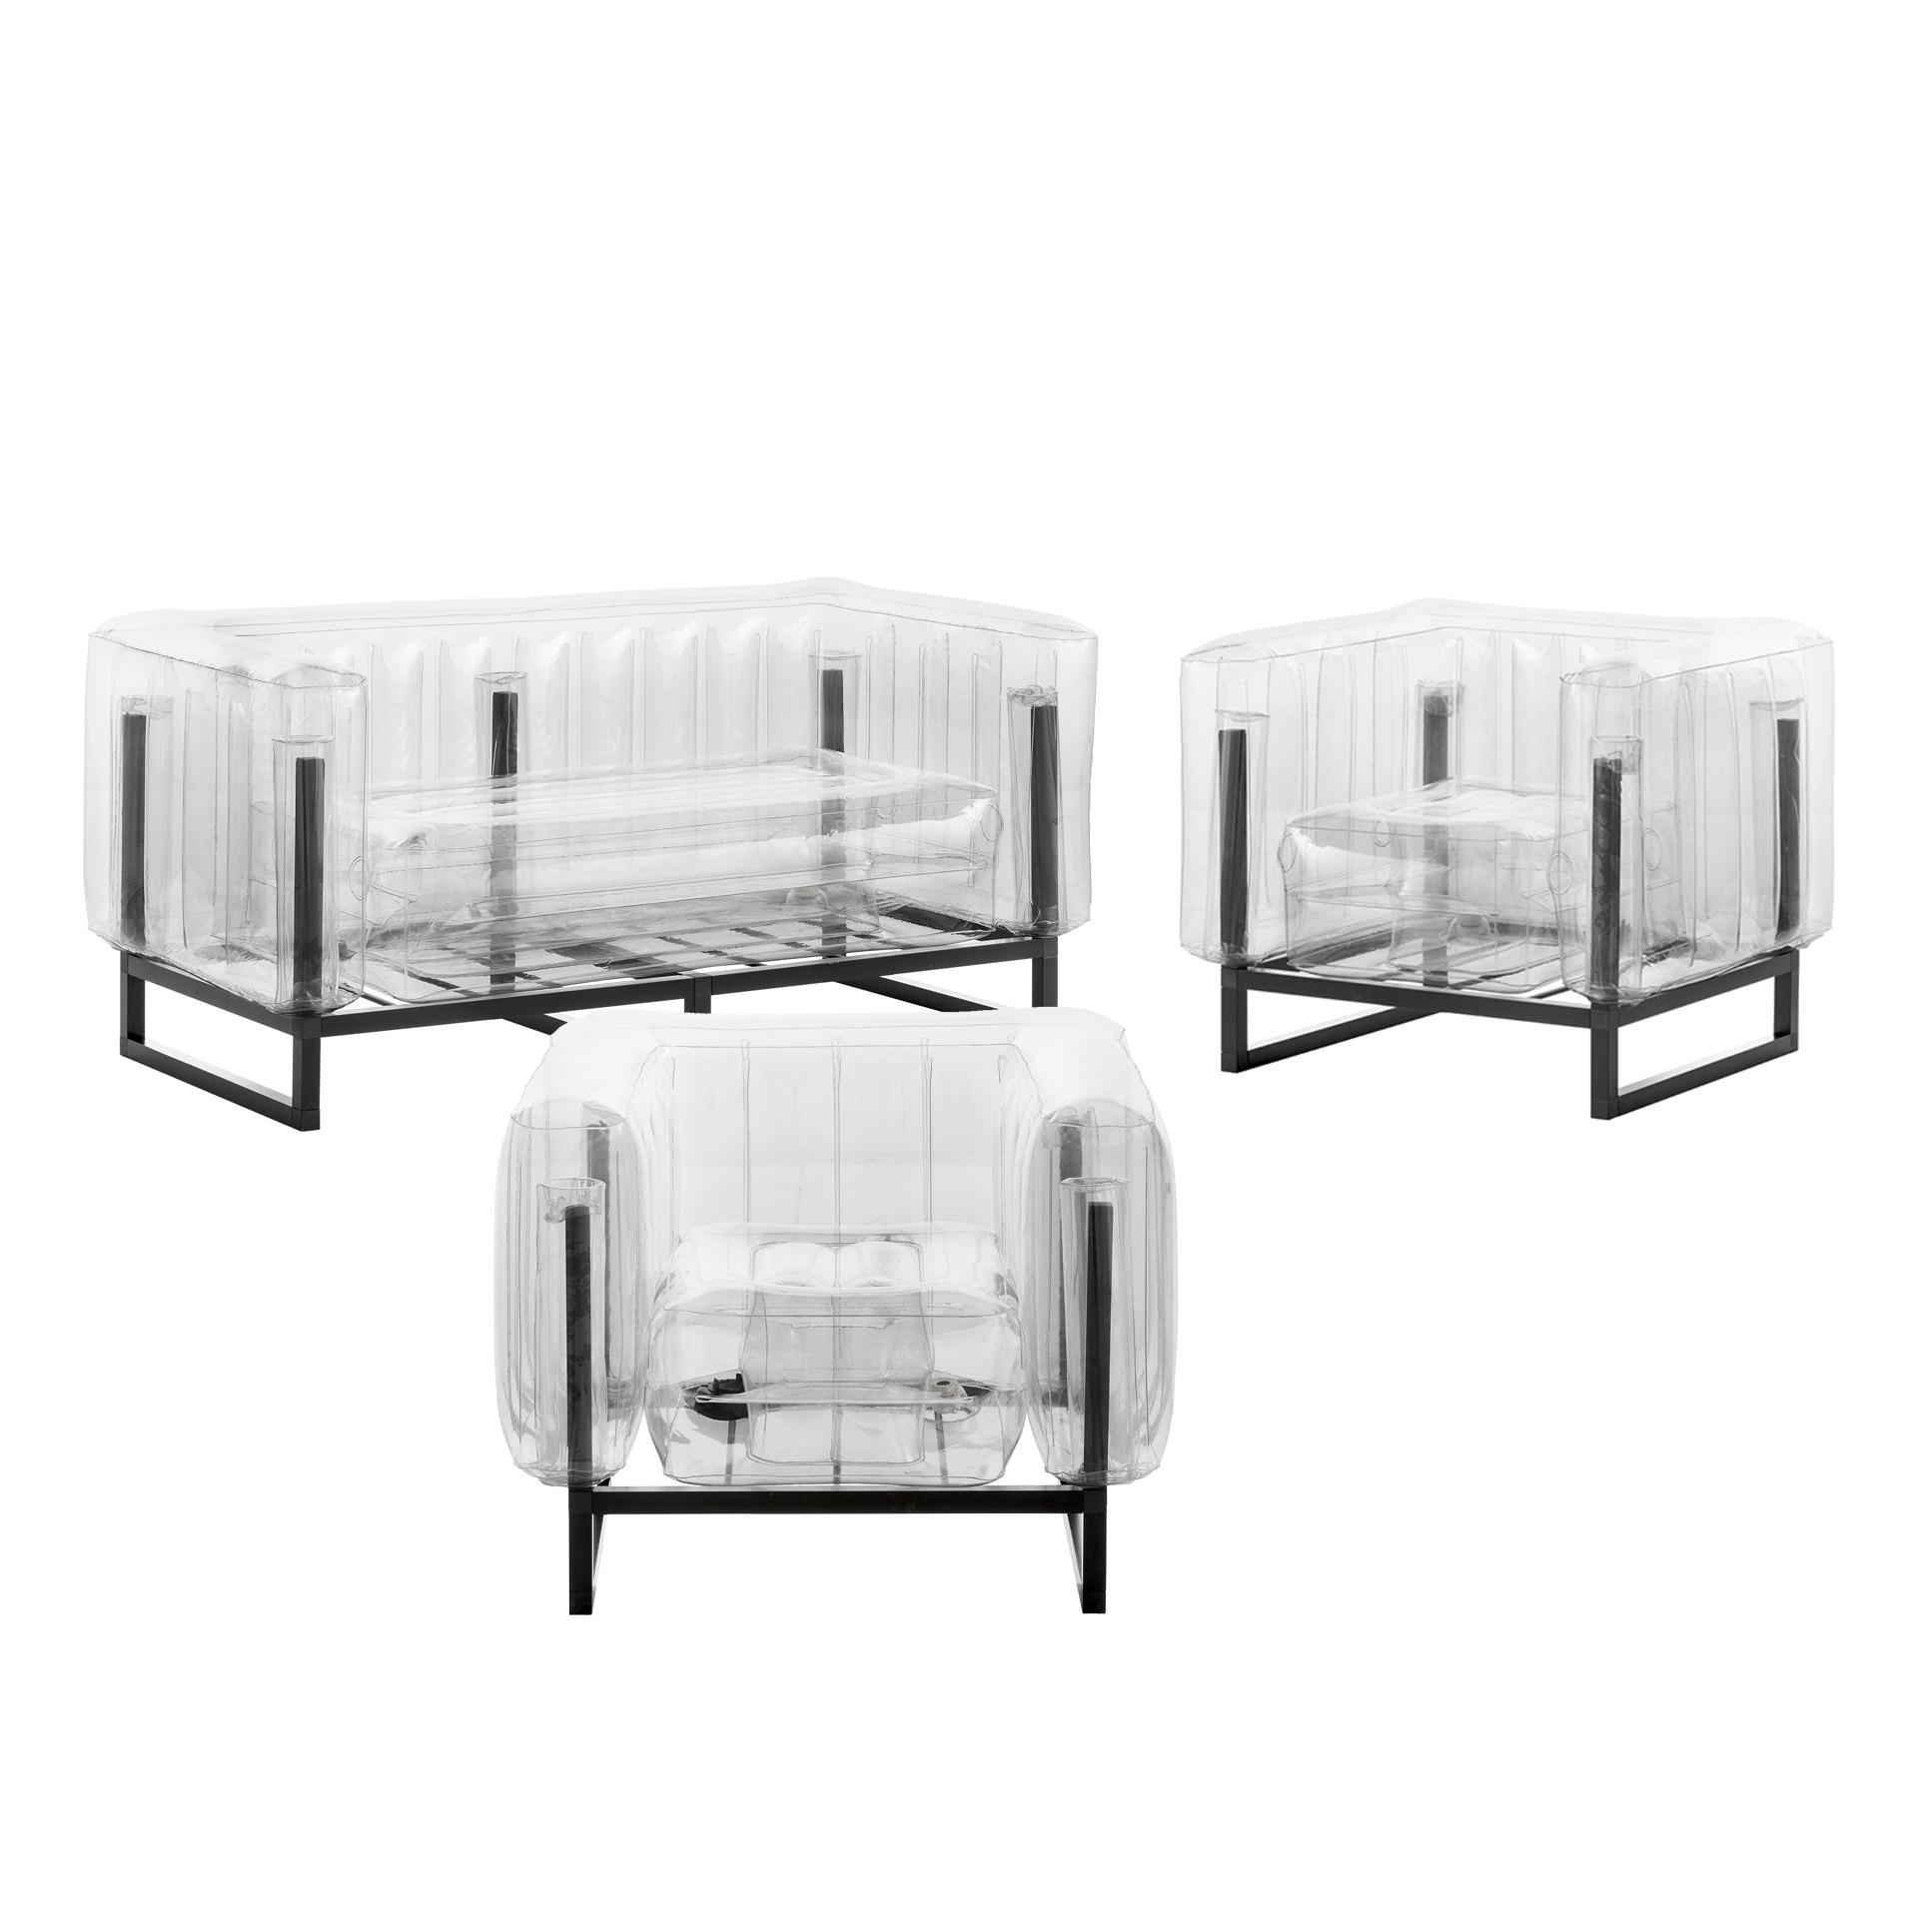 Salon de jardin design 1 canapé et 2 fauteuils transparents